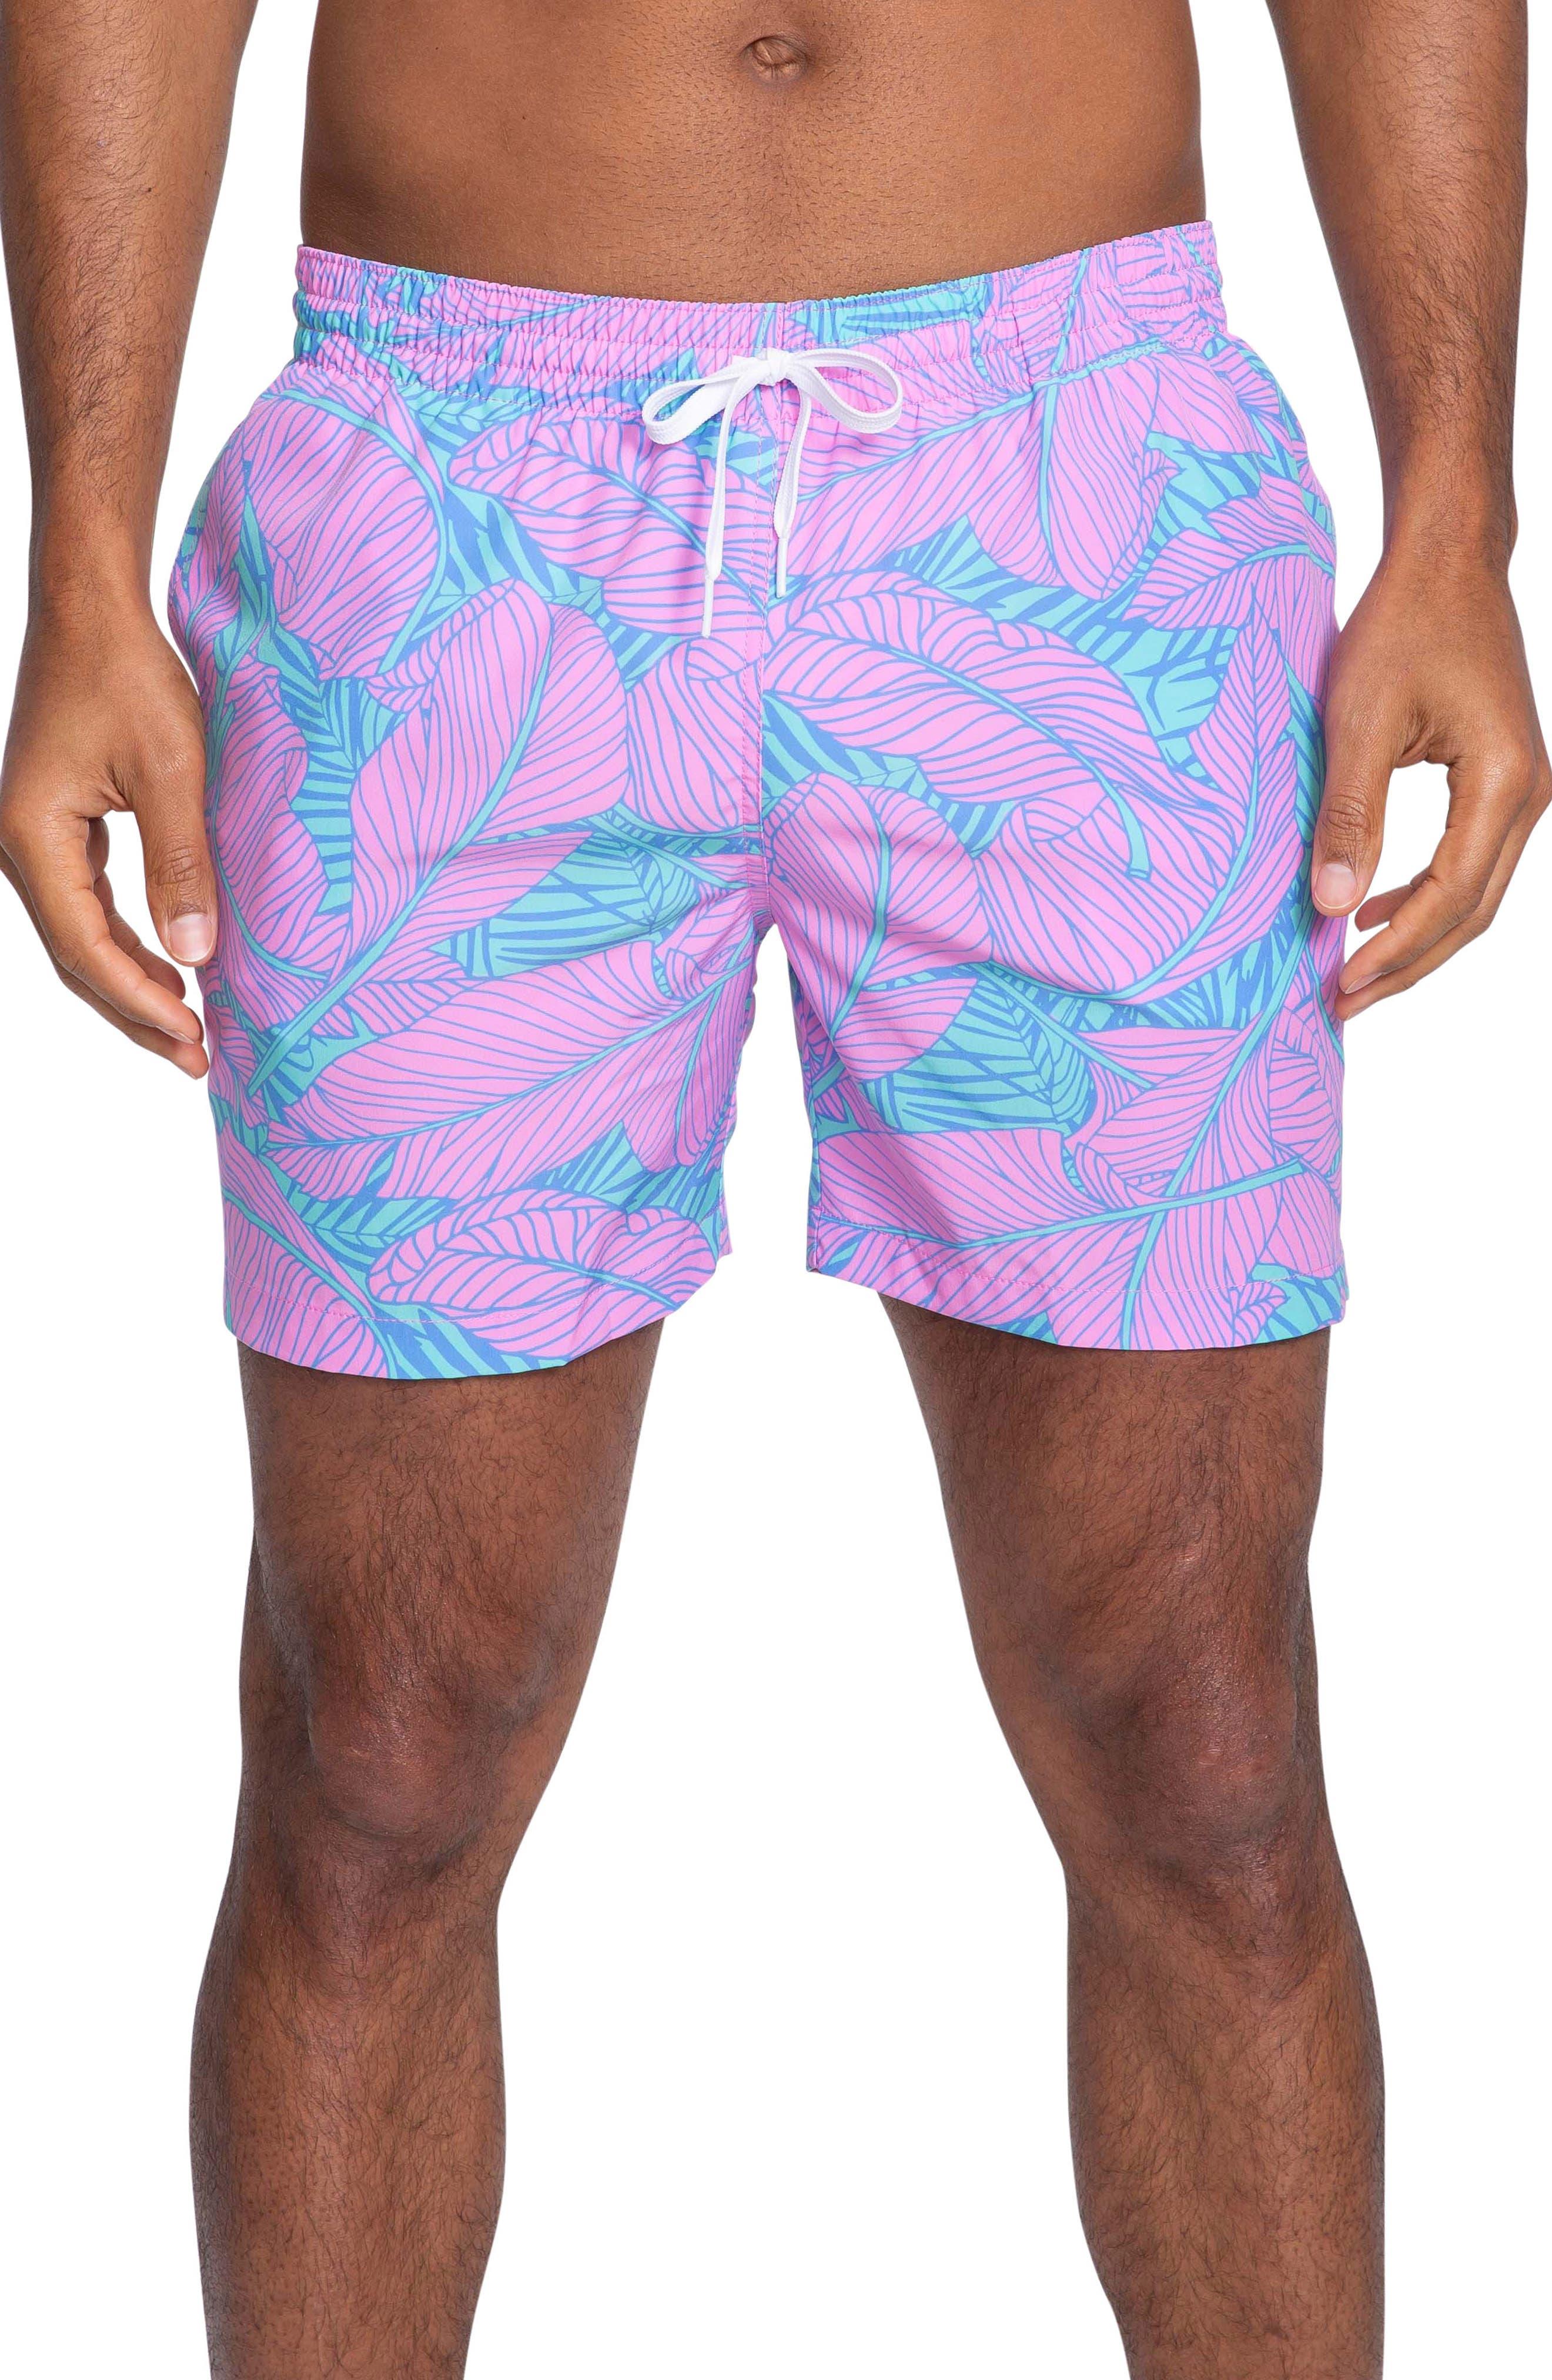 Chubbies The Tropical Escape Print Swim Trunks, Purple